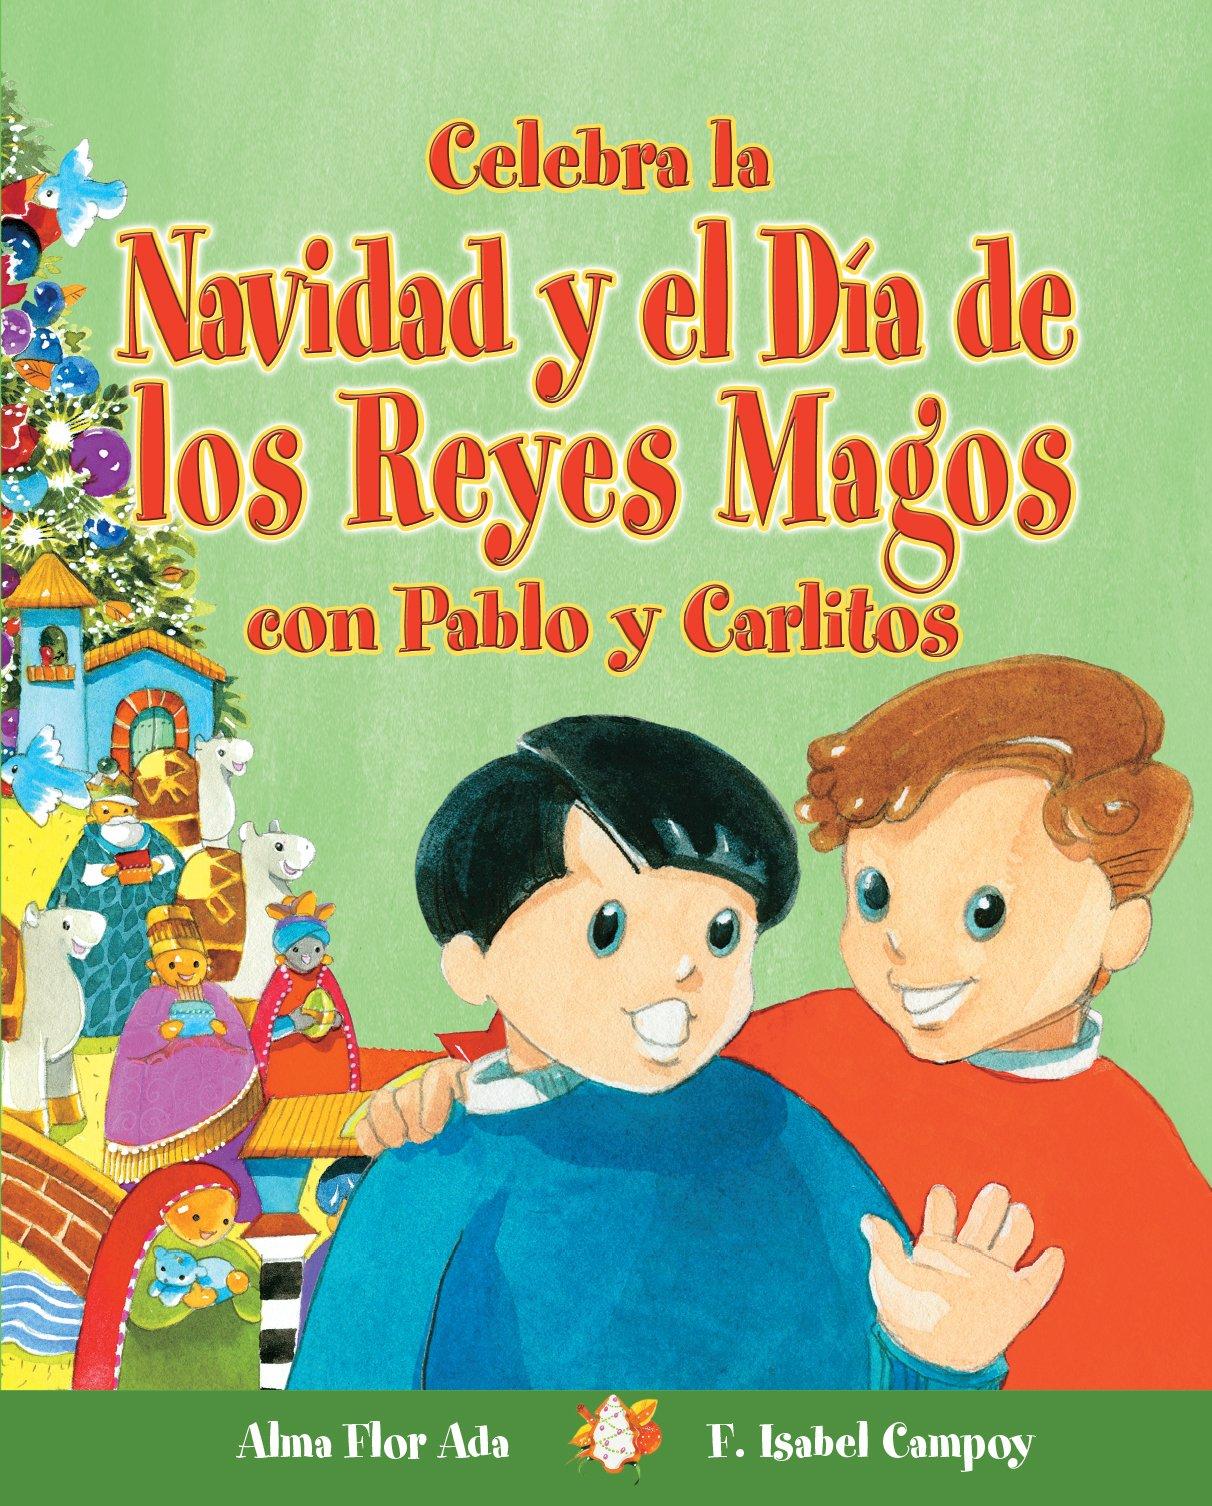 Celebra la Navidad y el Día de los Reyes Magos con Pablo y Carlitos (Cuentos Para Celebrar / Stories To Celebrate) (Spanish Edition)